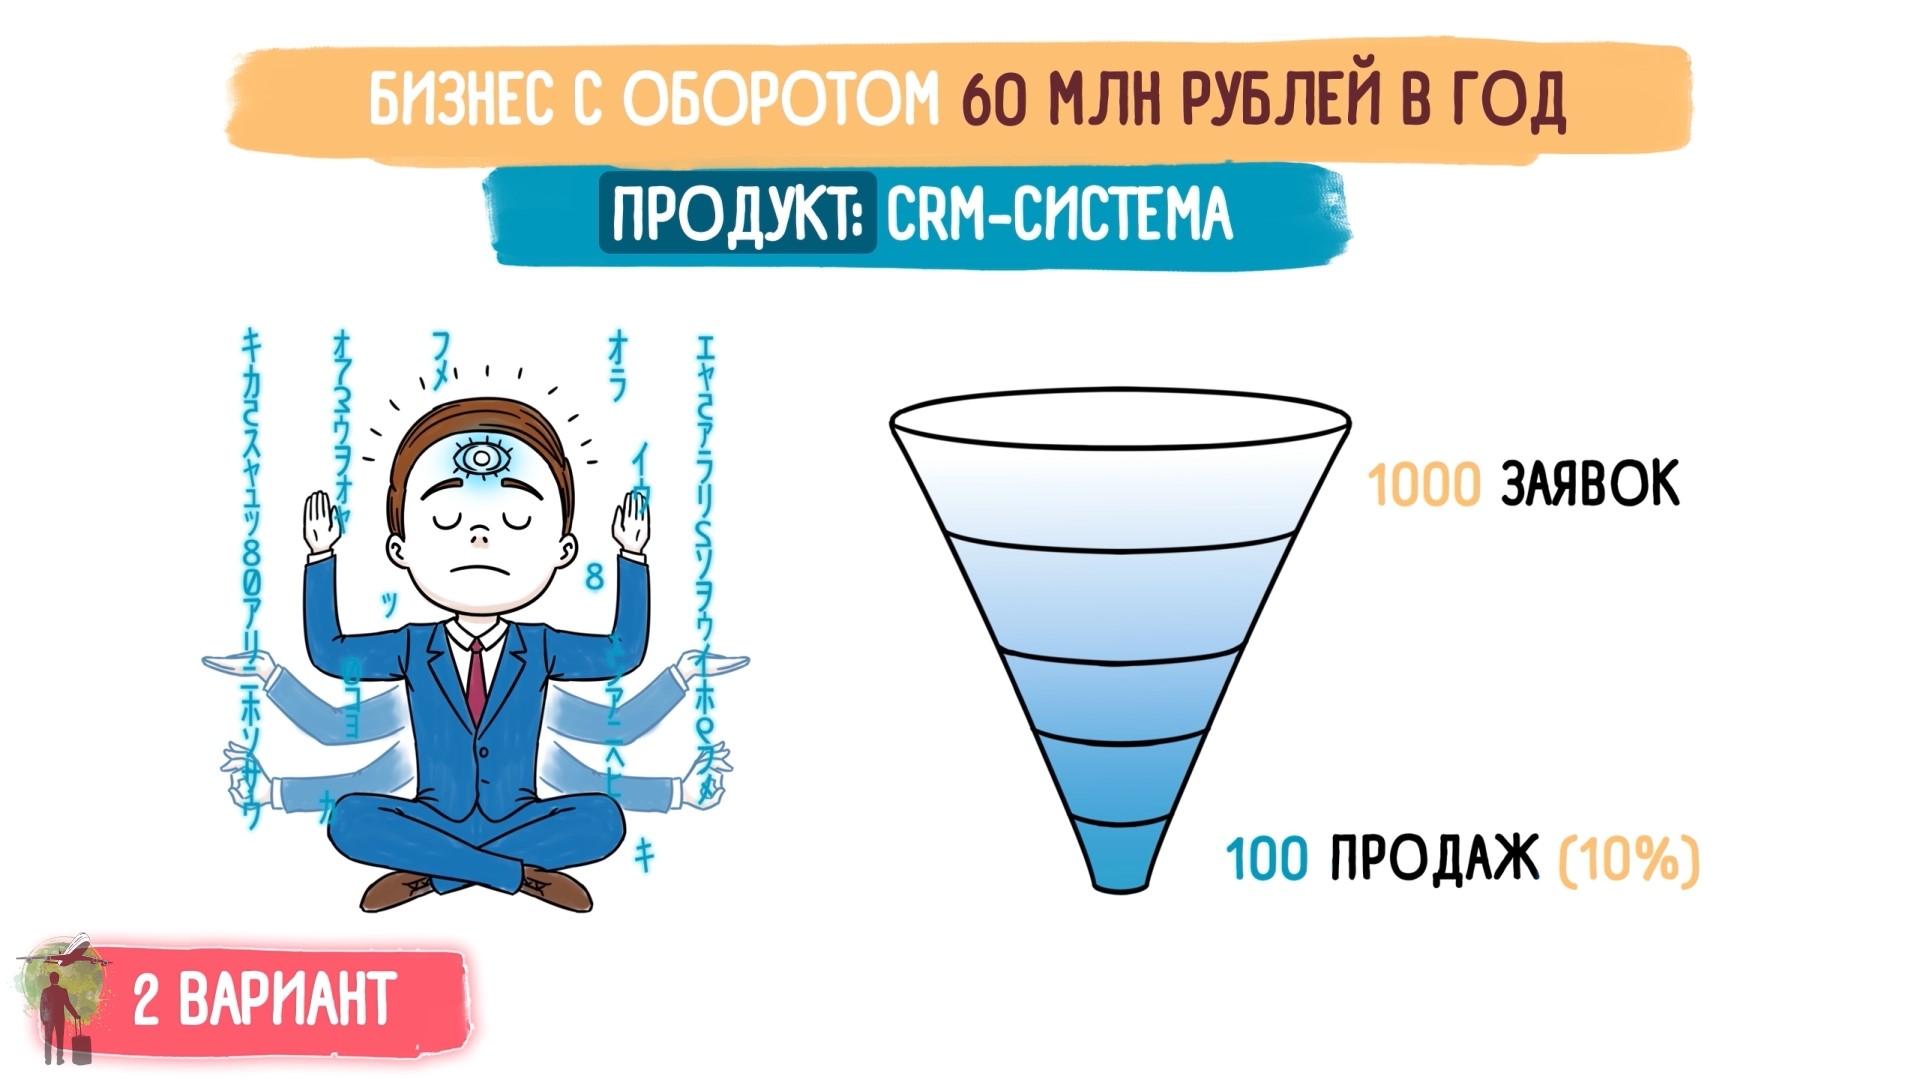 Михаил Гребенюк. Отдел продаж по захвату рынка